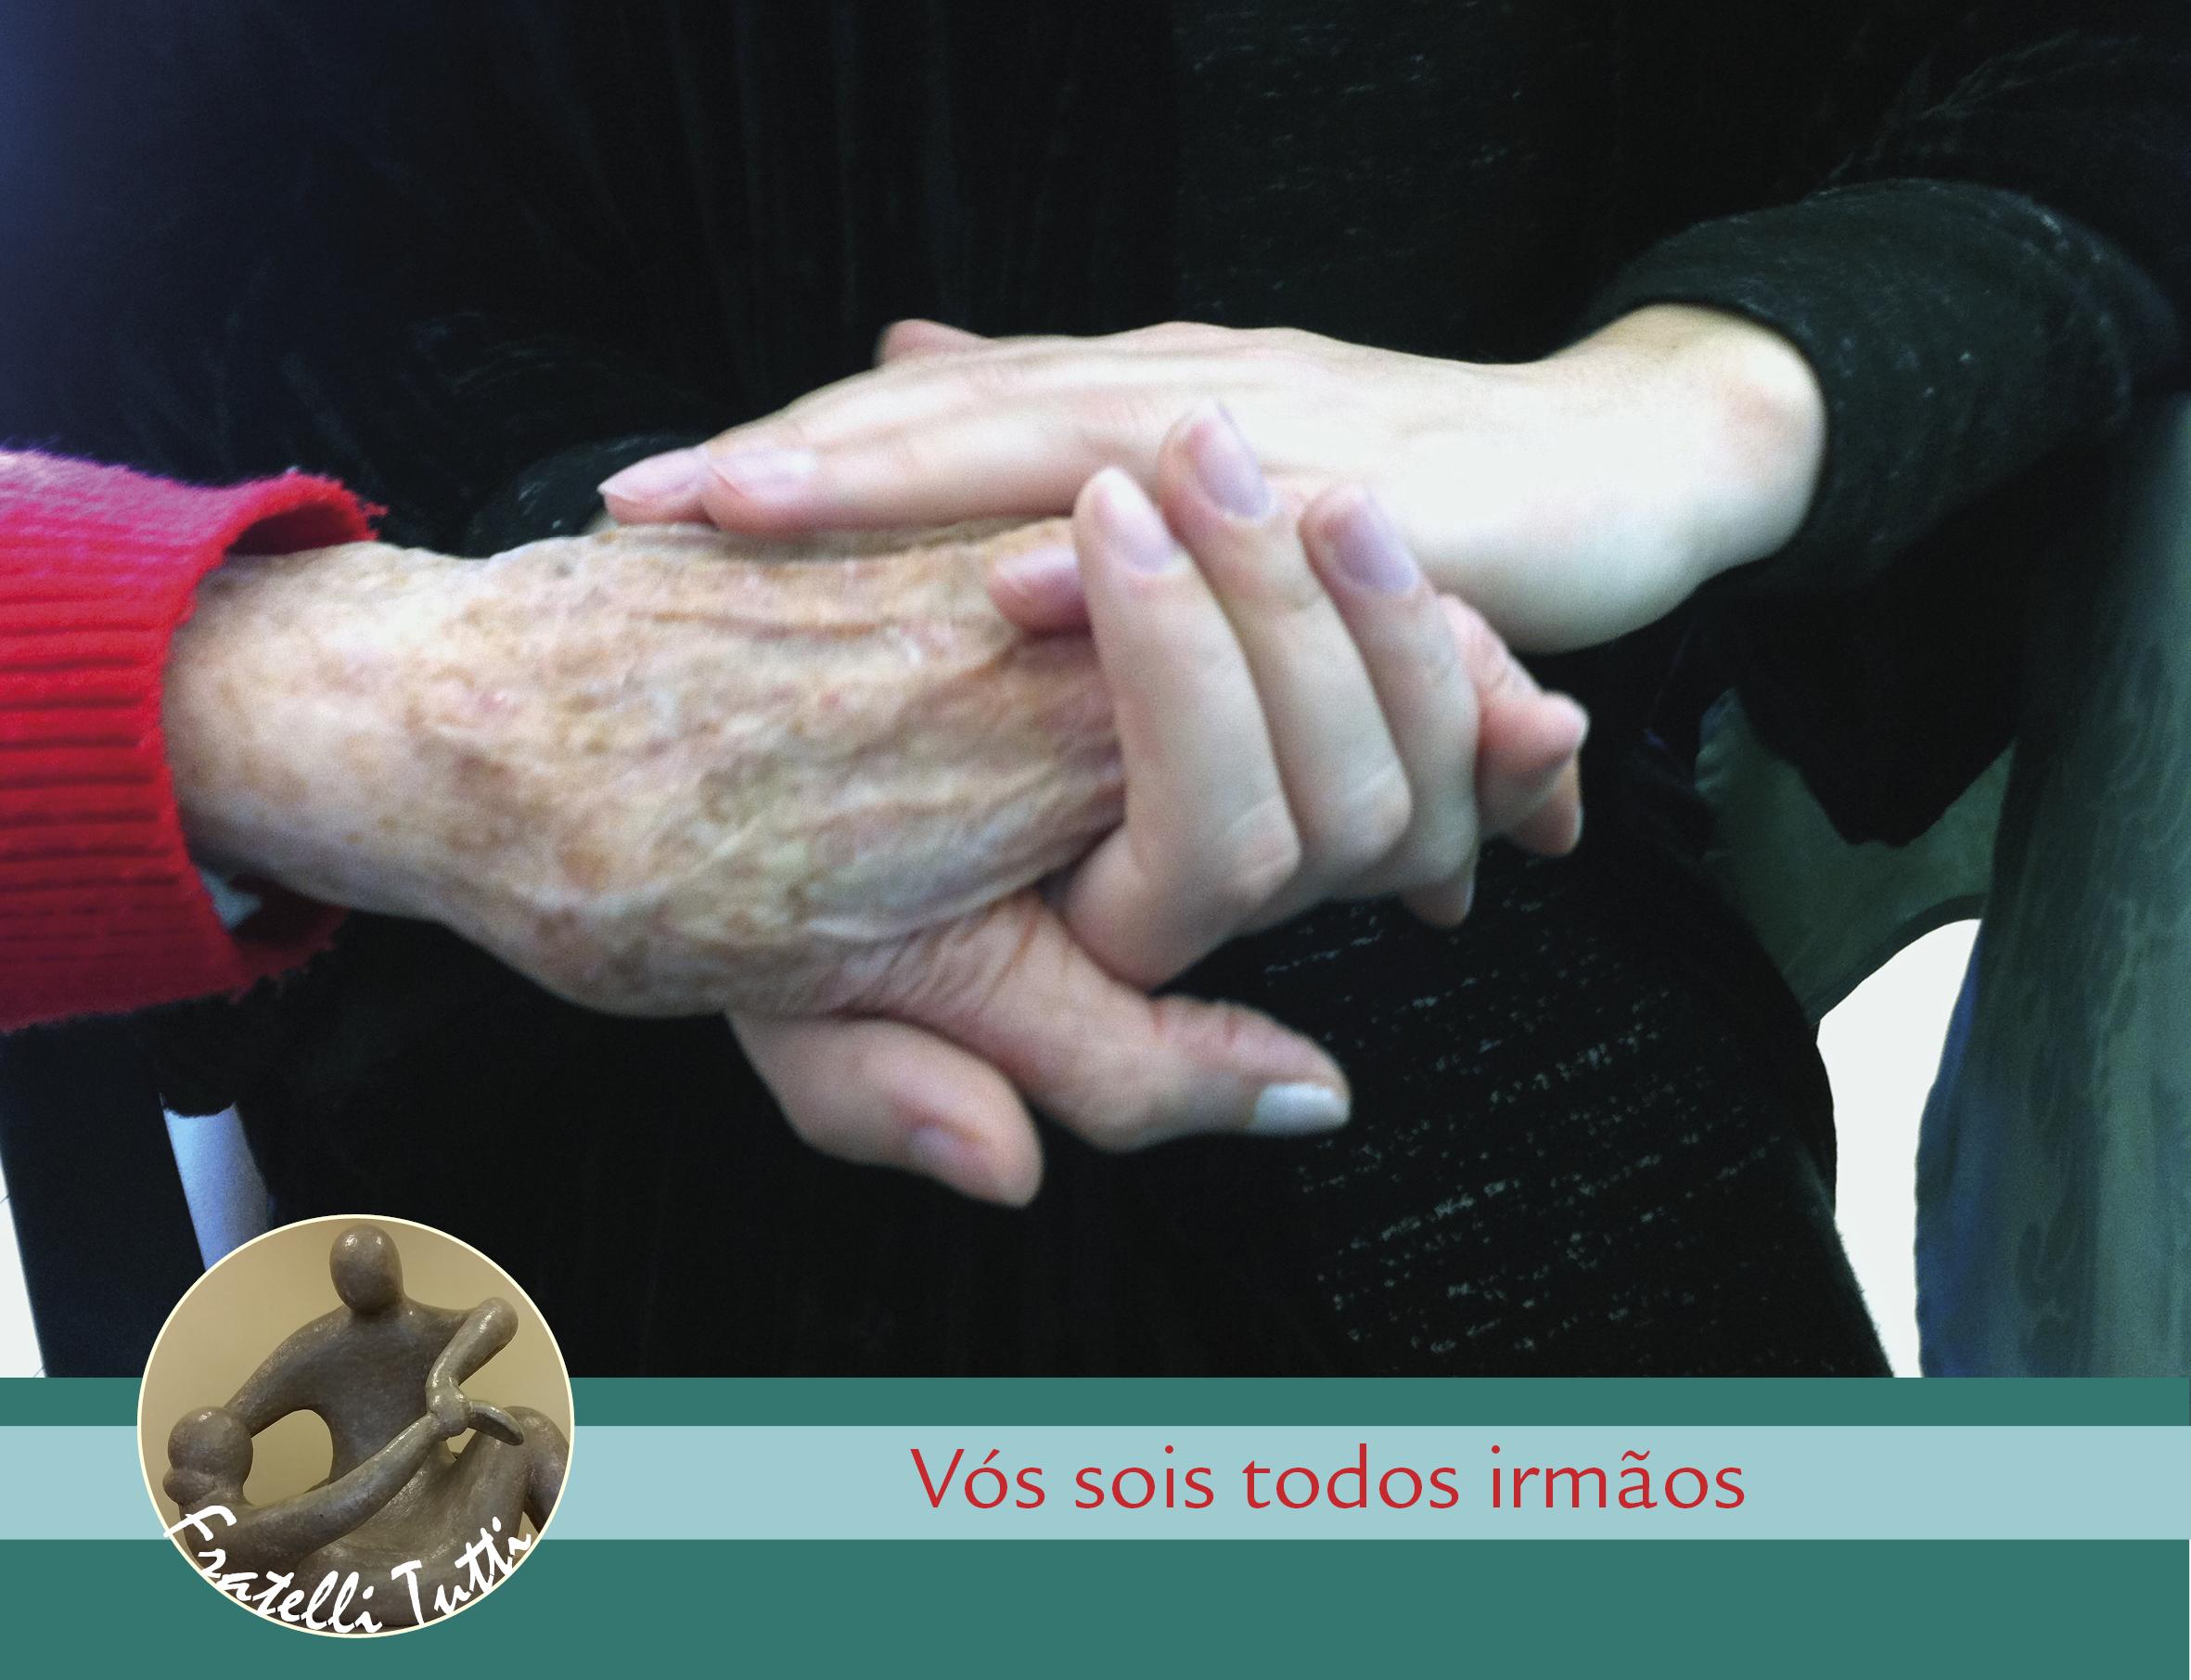 Avó e neta - Amar e ser amado, bens preciosos. Foto de Ana Vozone, 2017.